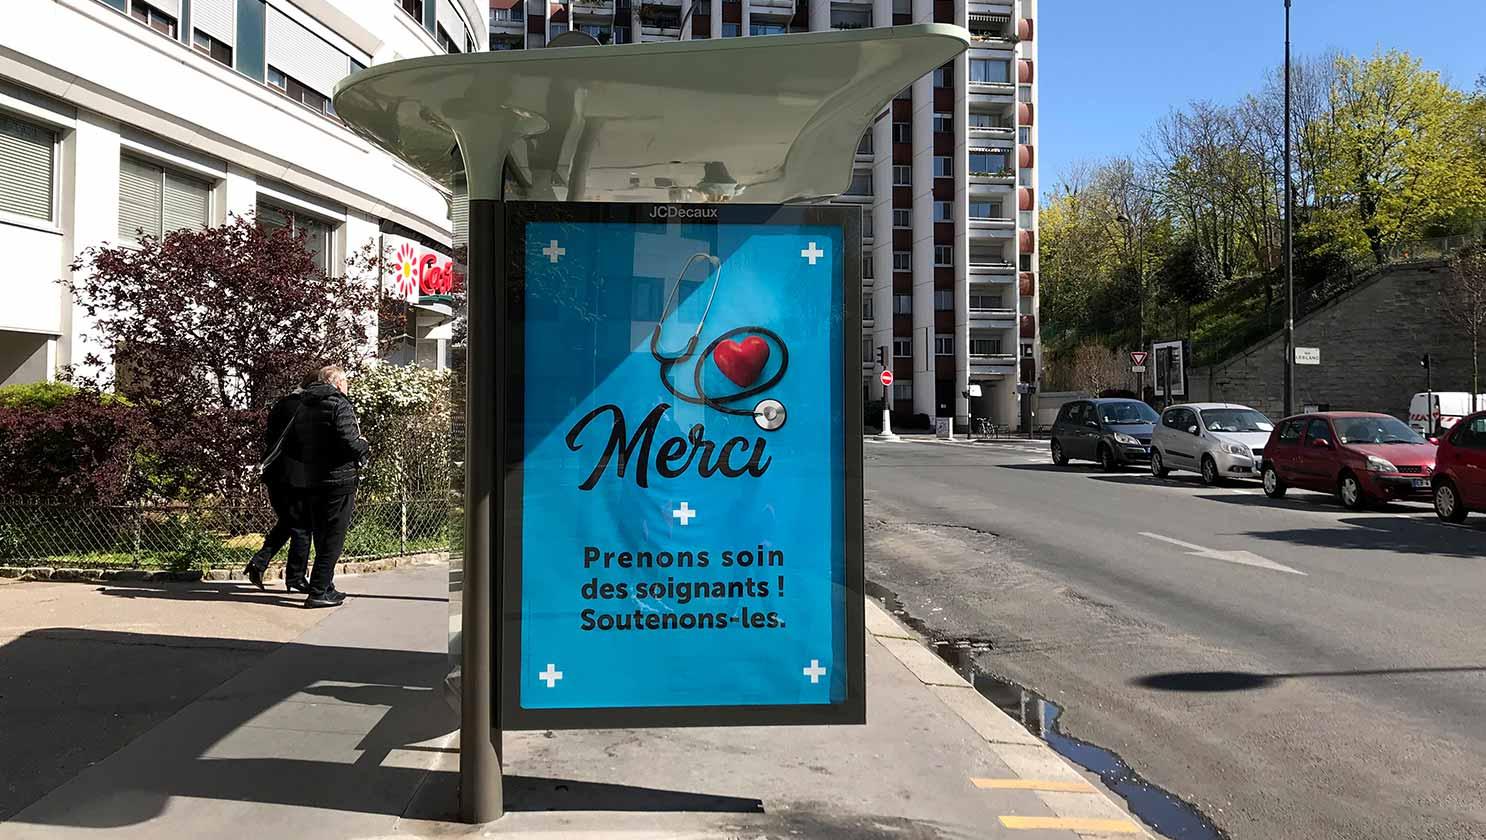 空いたOOH広告枠に掲示された医療従事者に向けた応援メッセージ